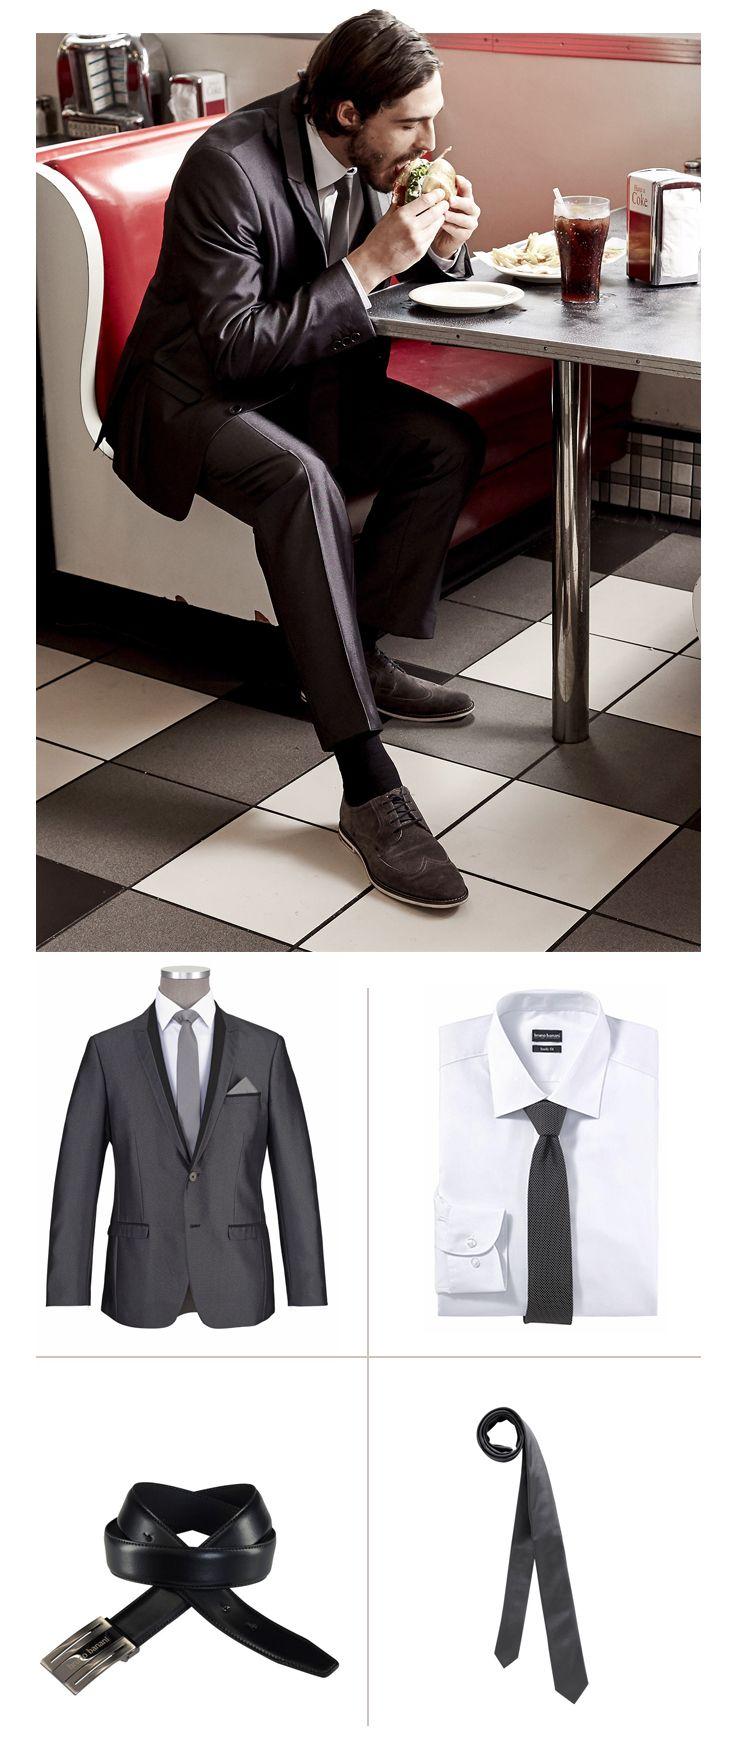 Business-Style Highlight dieses smarten Business-Looks von Bruno Banani ist der anthrazitfarbene, leicht schimmernde Anzug mit Nadelkopf-Optik und schmaler Passform. Hemd, Krawatte und Koppelgürtel kommen ebenfalls Bruno Banani.